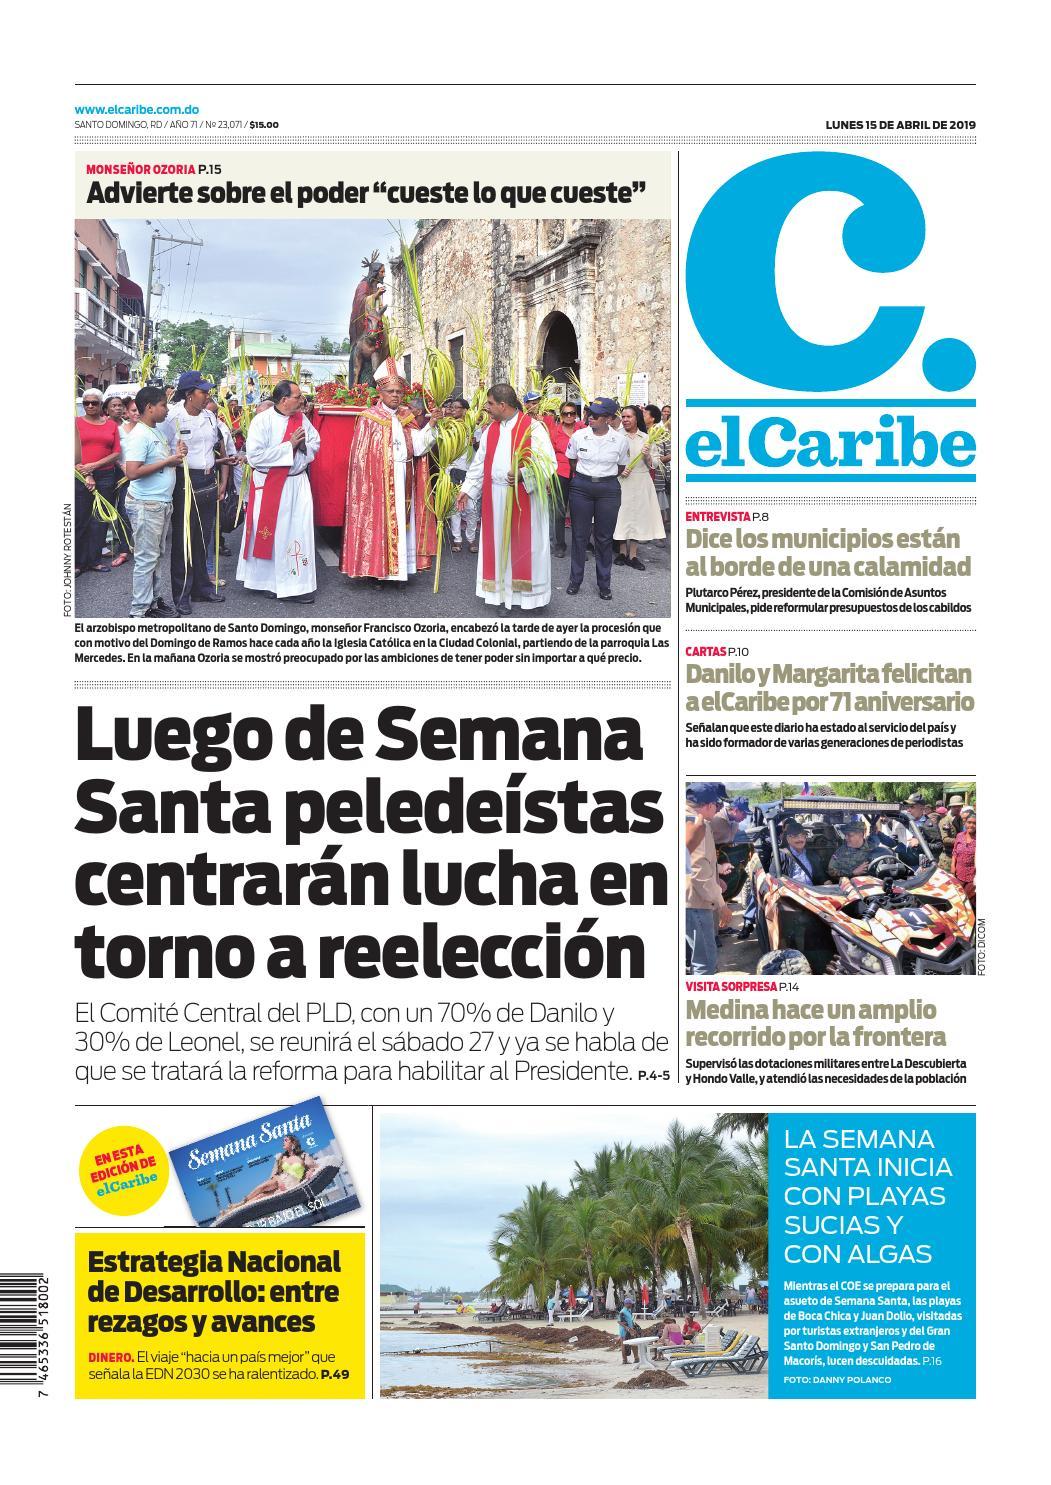 Portada Periódico El Caribe, Lunes 15 Abril 2019